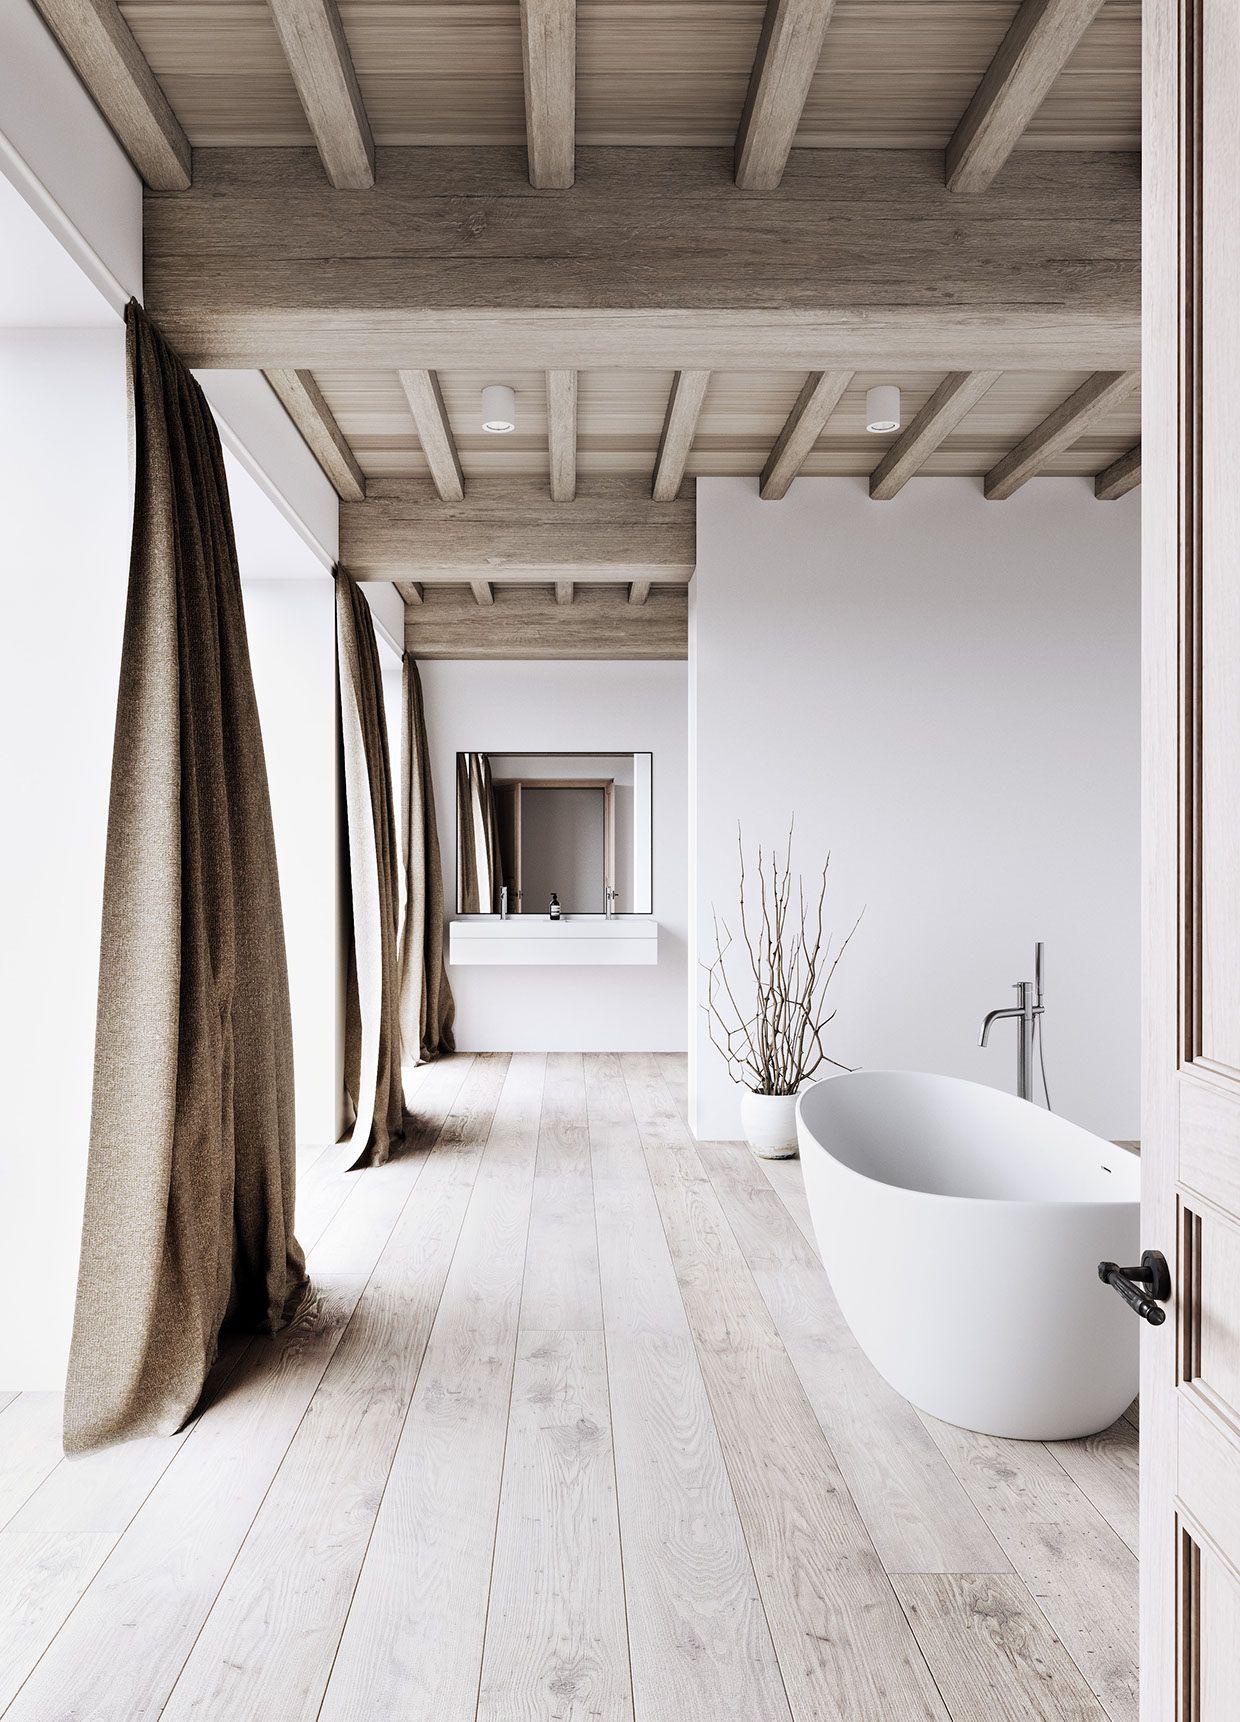 Pin Von Elle Auf Solai Badezimmer Innenausstattung Badezimmer Renovieren Und Bad Inspiration